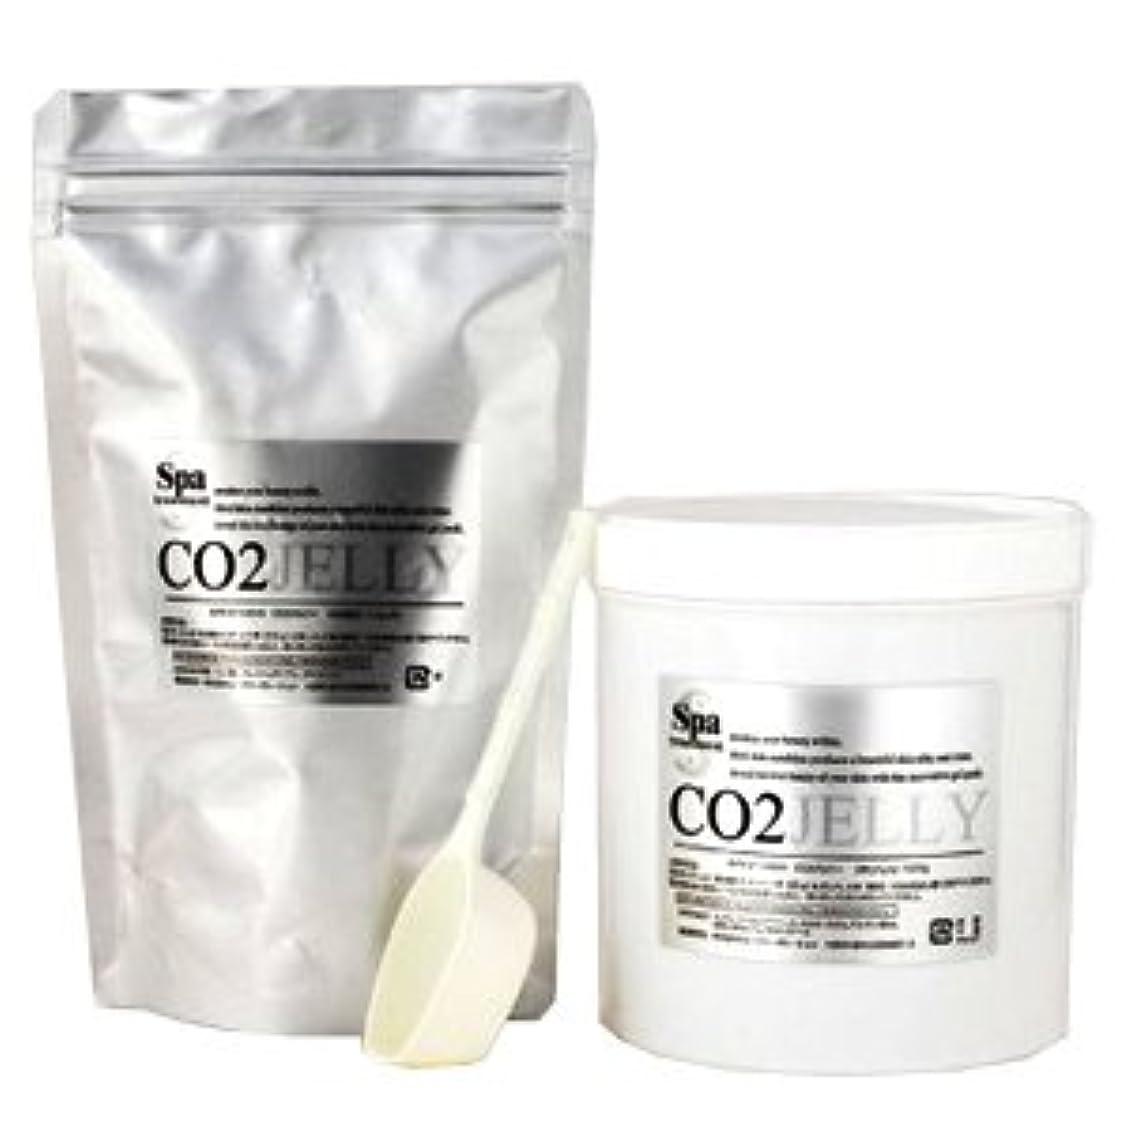 広いまっすぐランチスパトリートメント CO2ジェリーN 40回分 業務用 炭酸パック